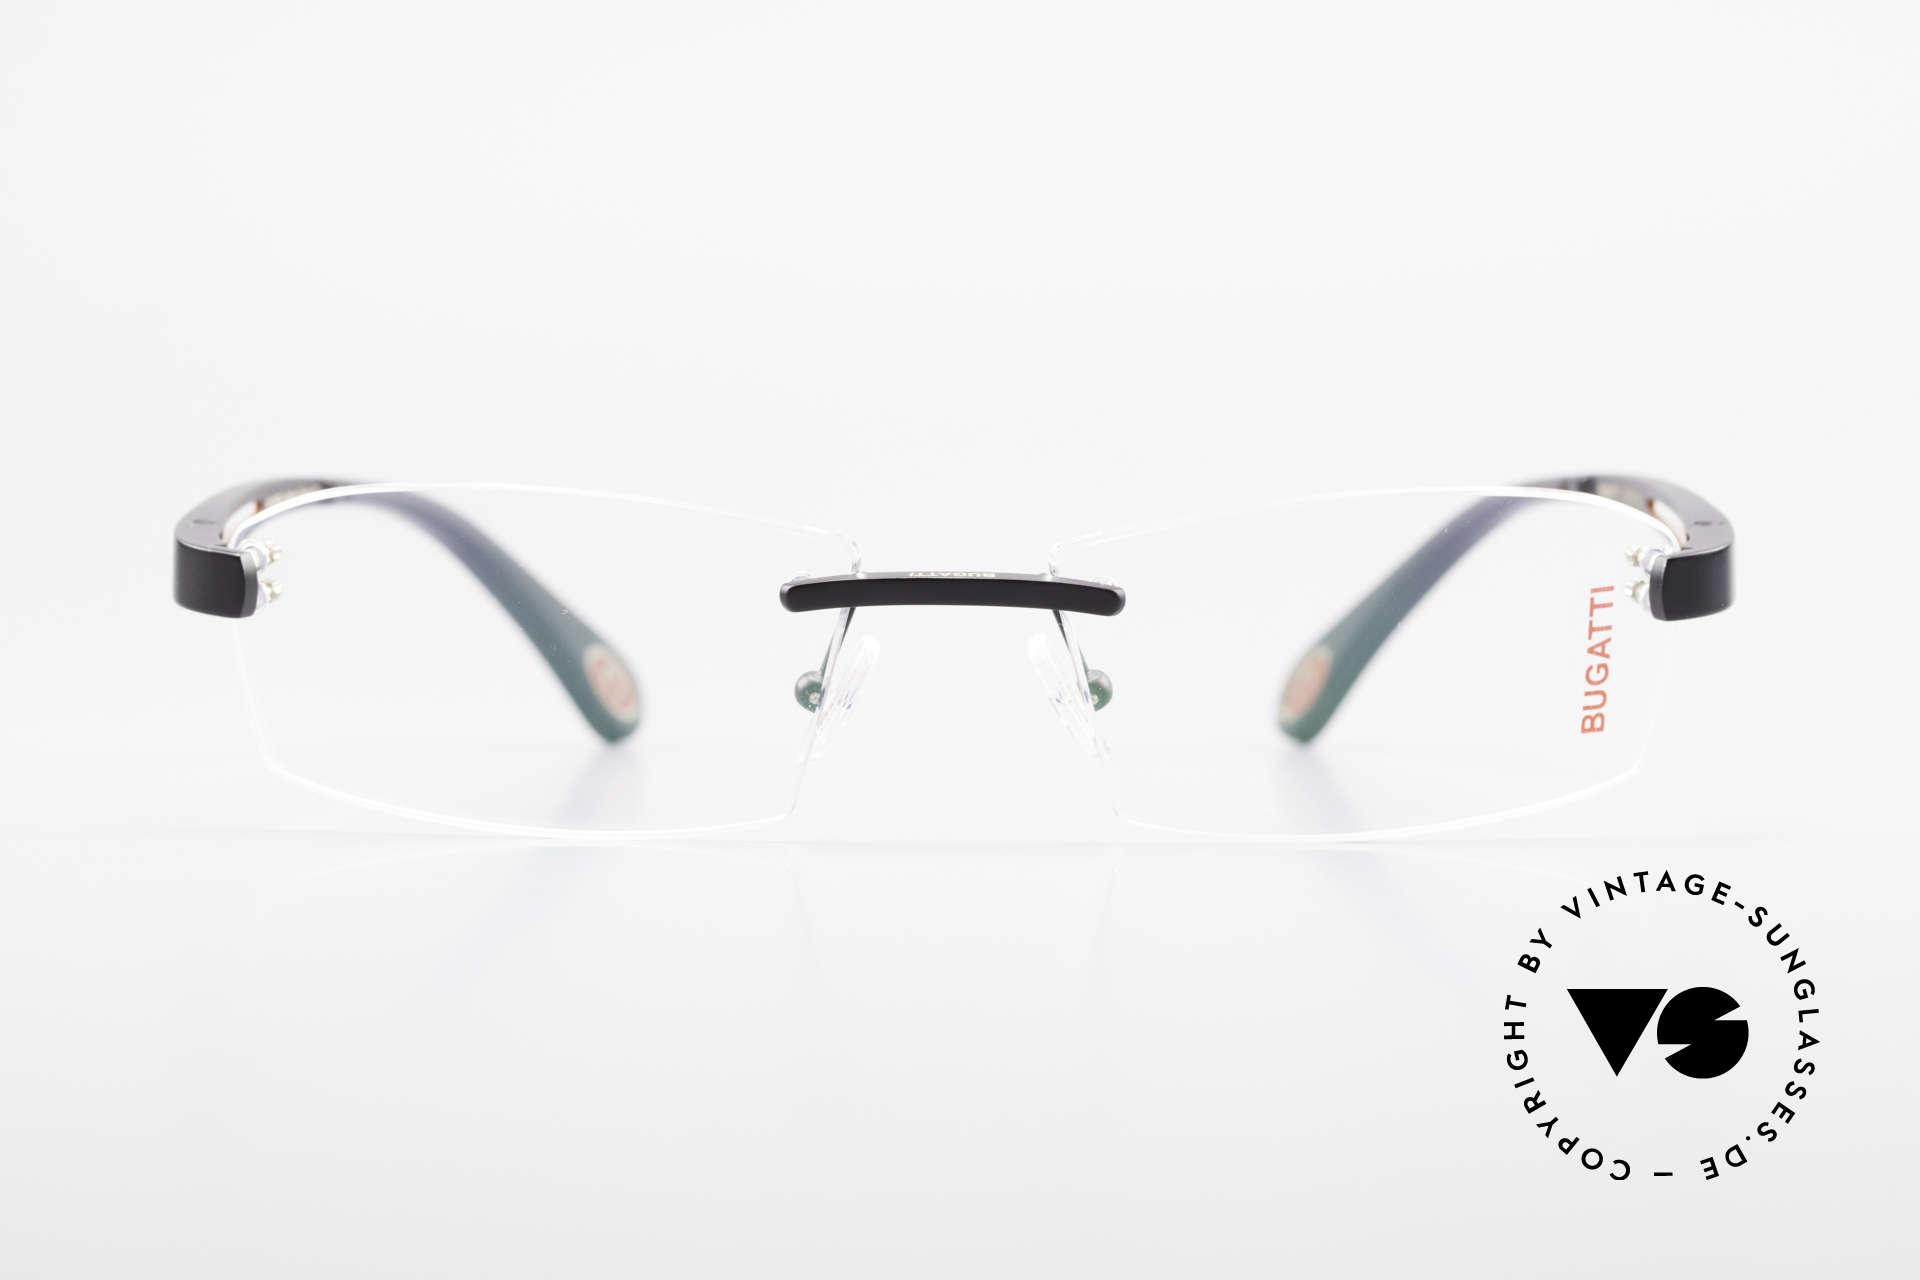 Bugatti 515 Rimless Designer Glasses Men, sporty frame and lens design ... striking masculine, Made for Men